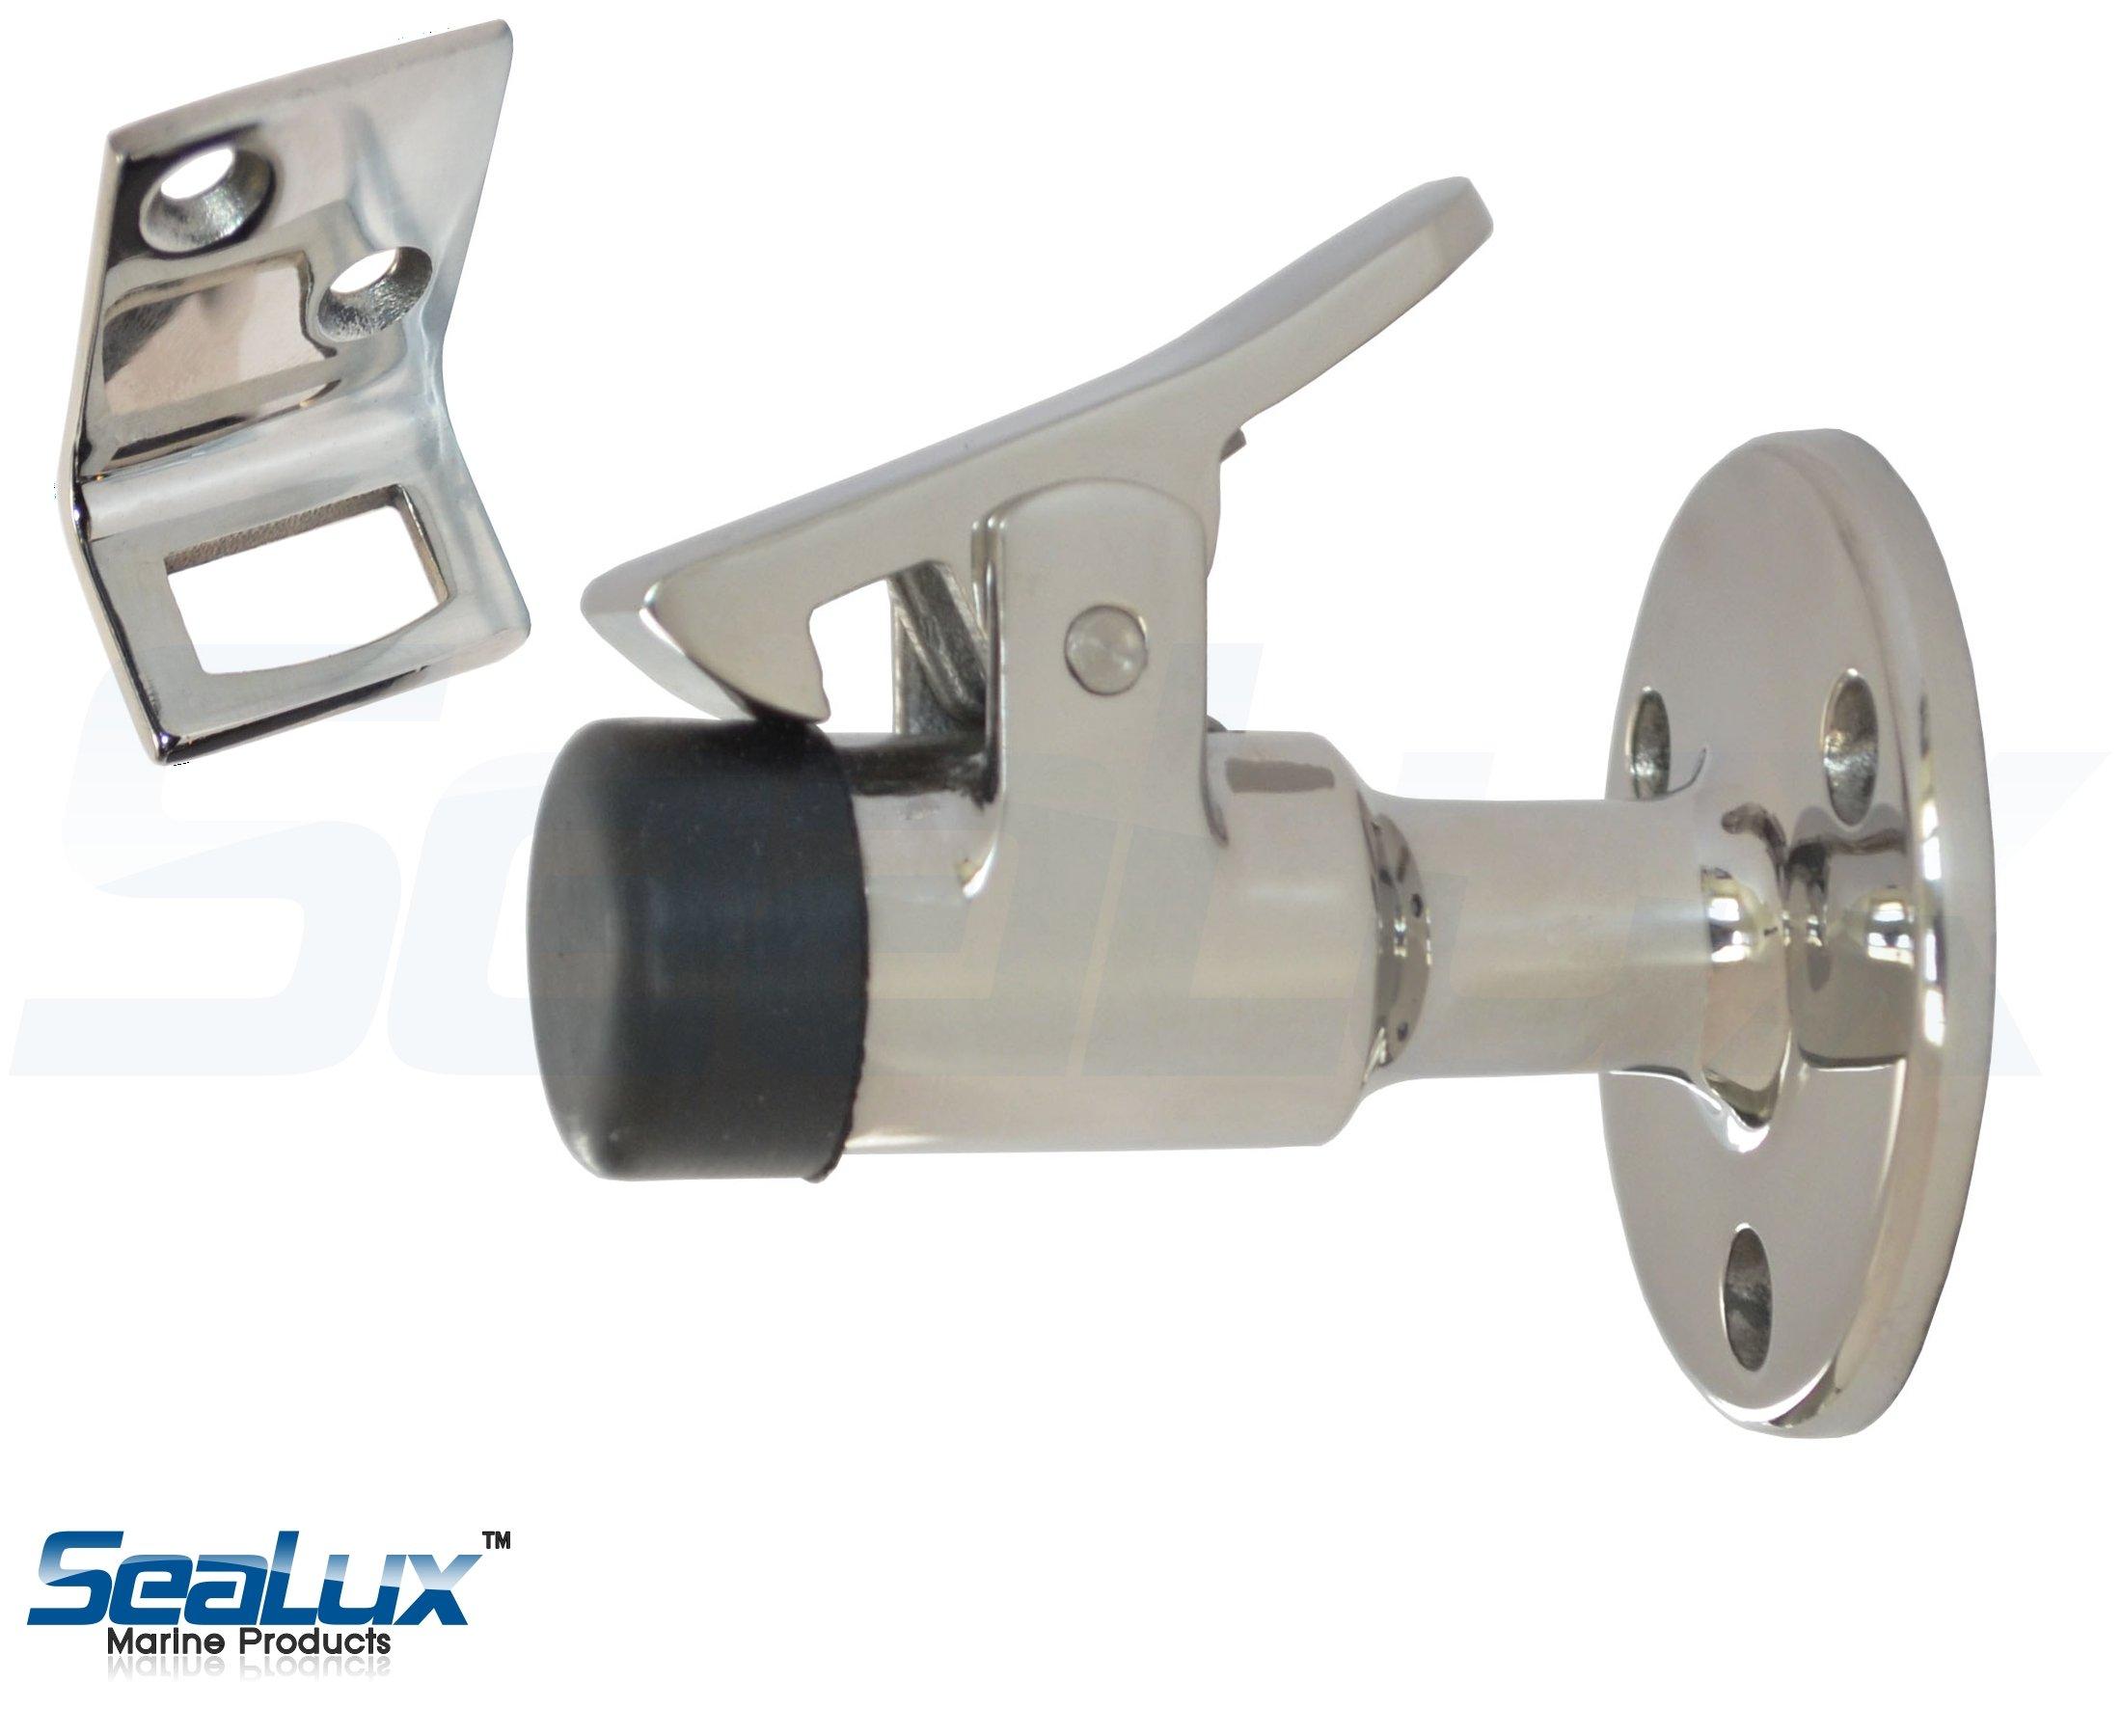 SeaLux Marine 316 Stainless Steel Door Stop-N-Catch